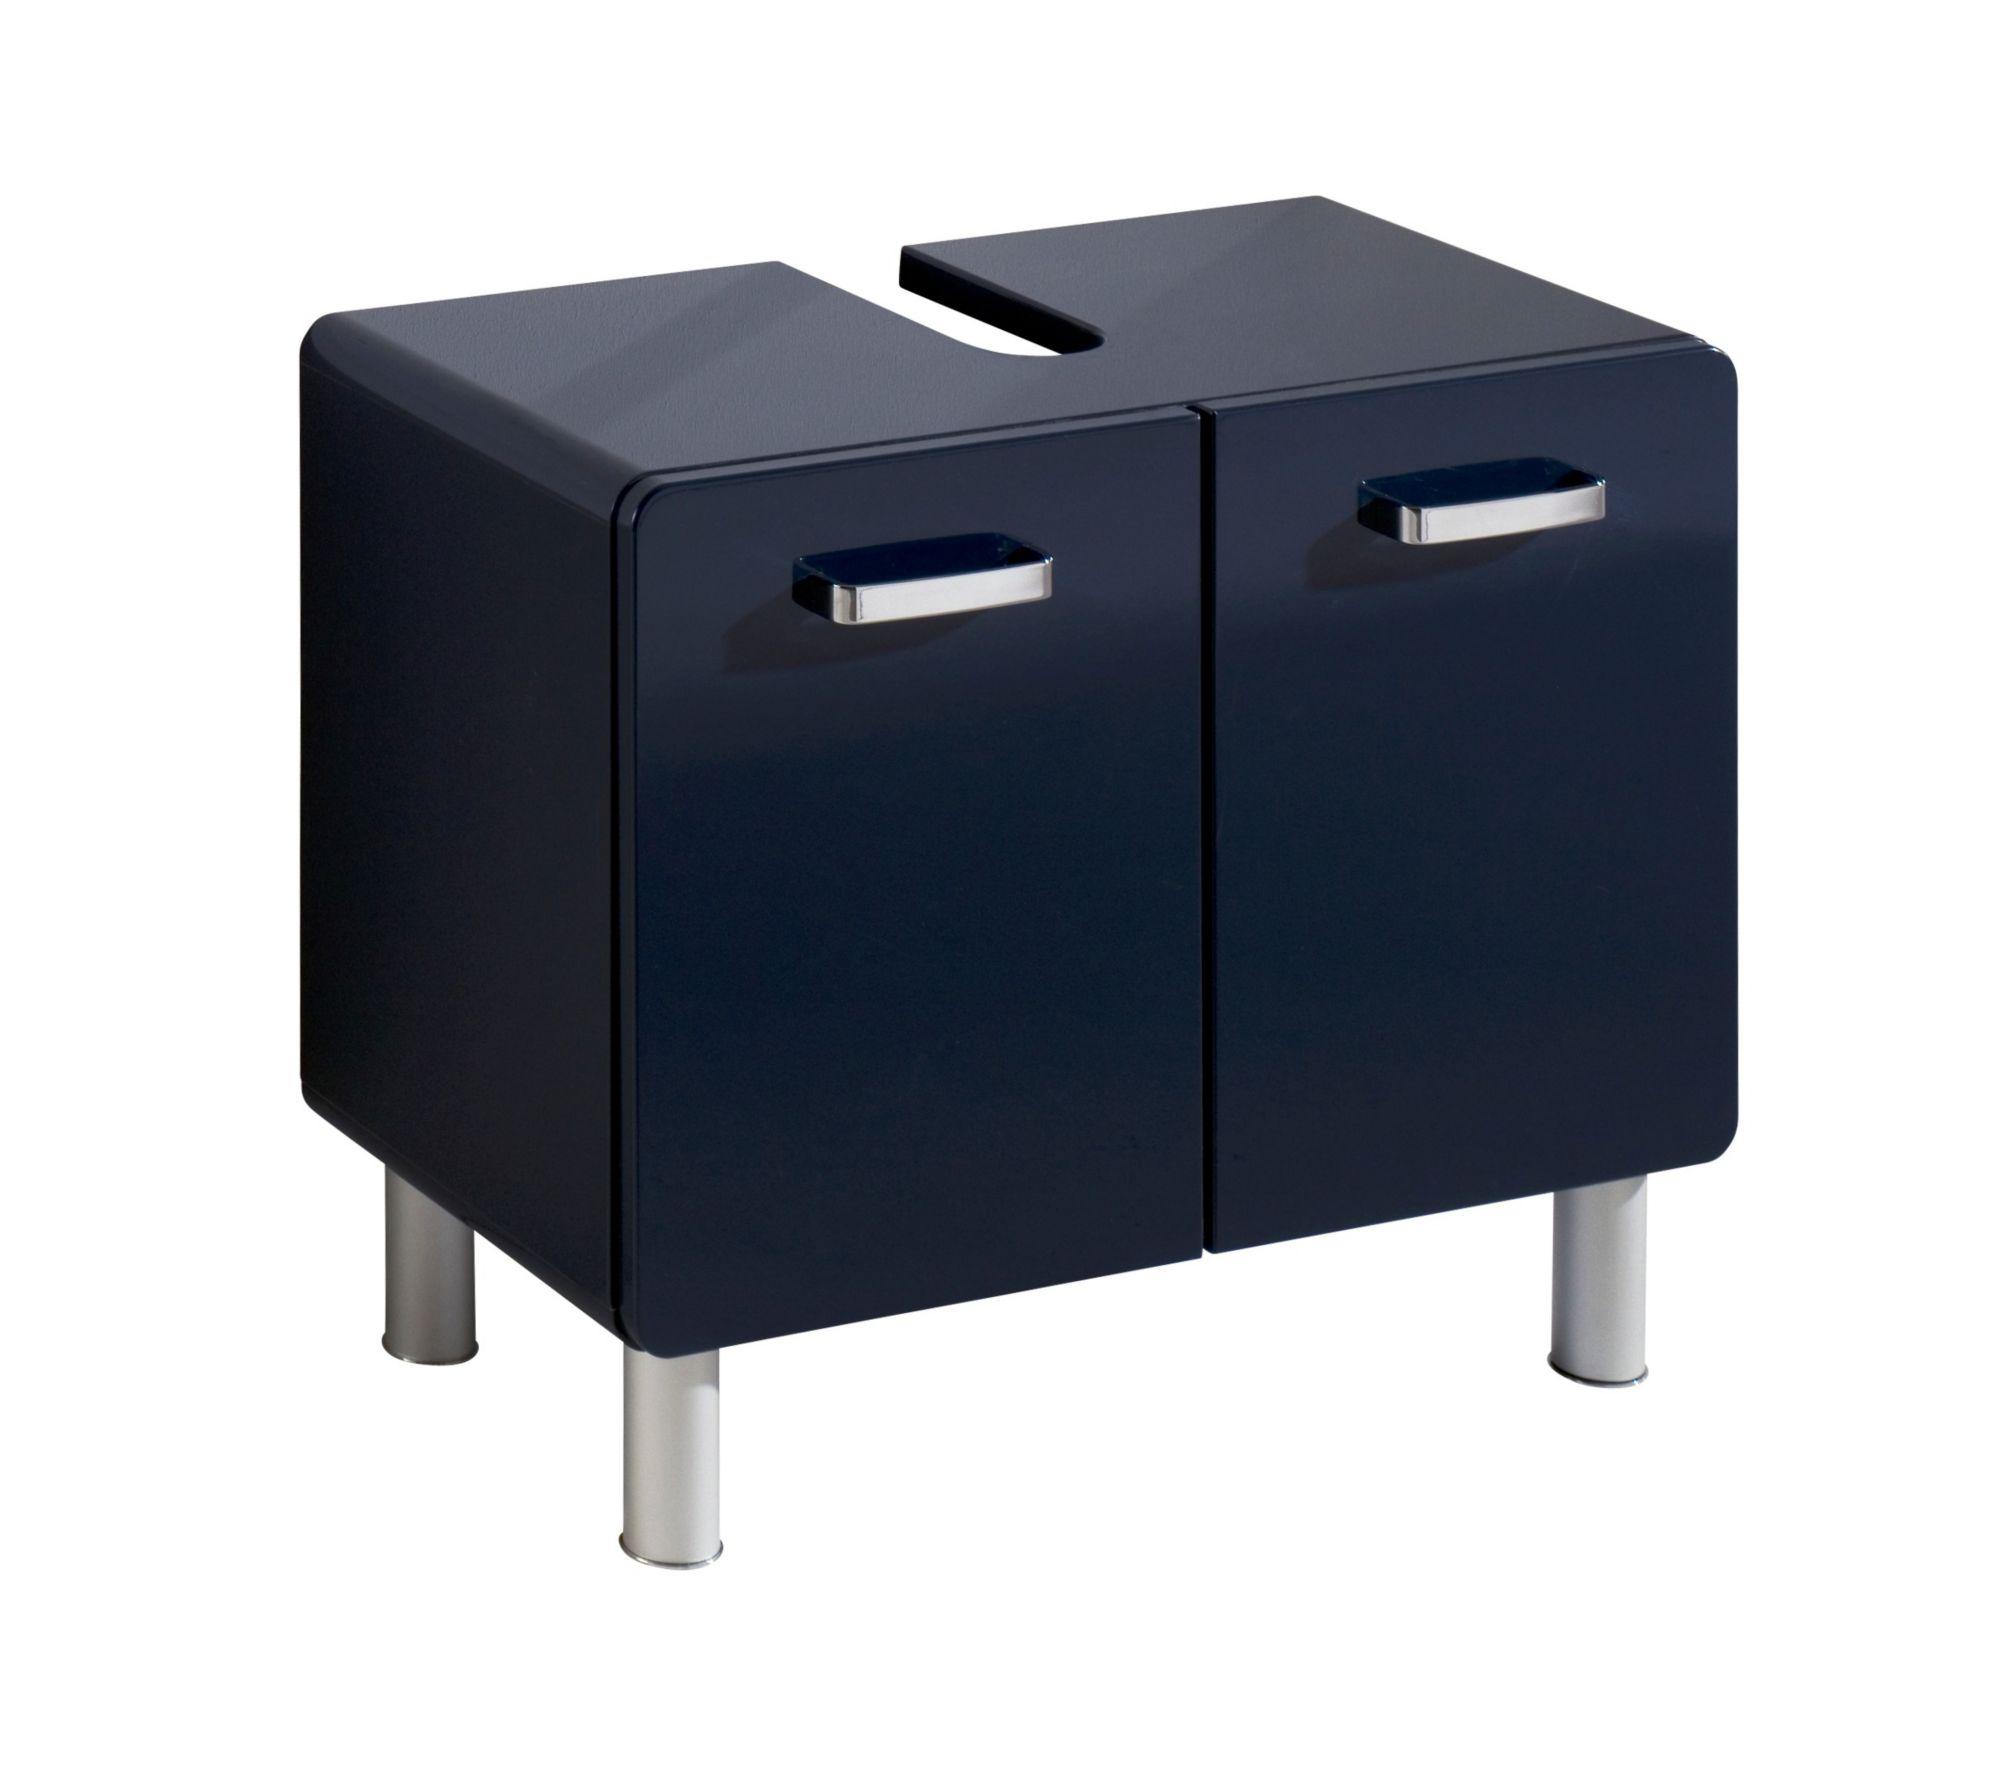 waschbeckenunterschrank round 70 cm schwab versand round. Black Bedroom Furniture Sets. Home Design Ideas